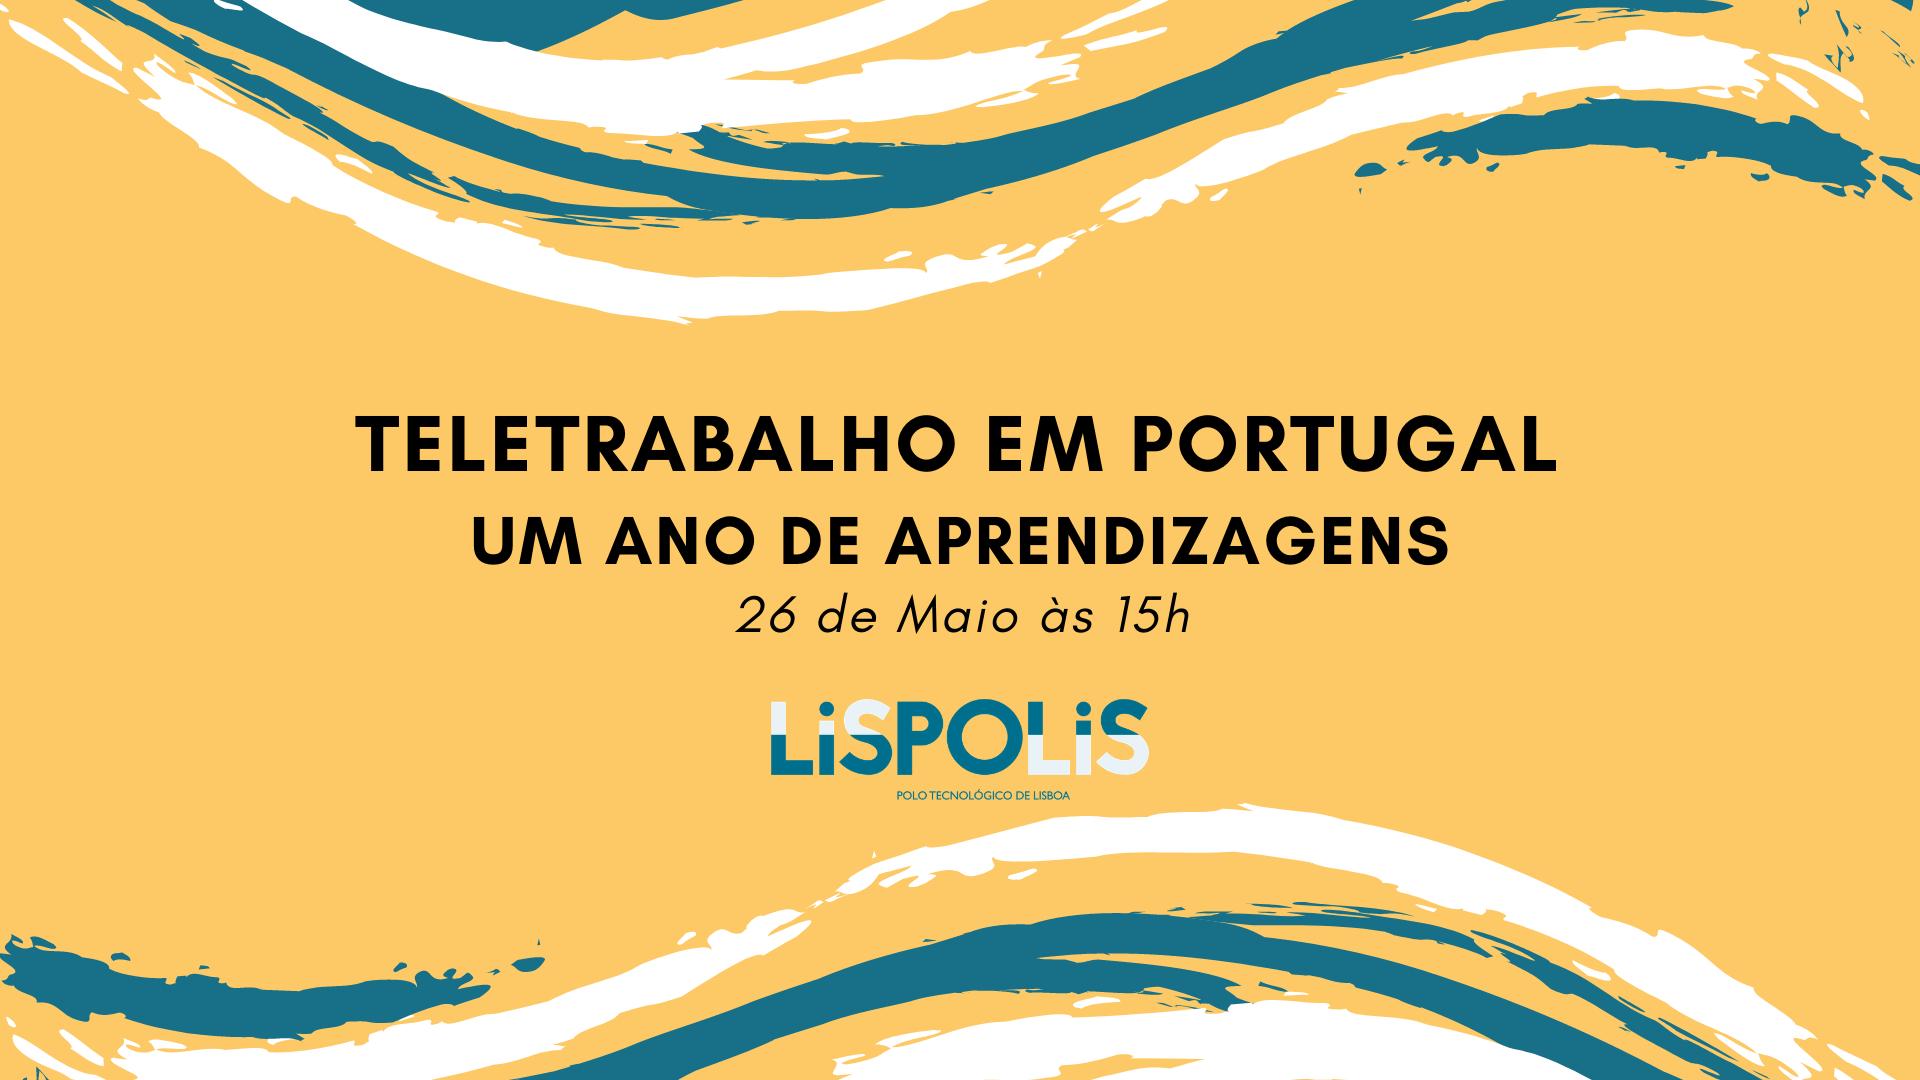 Teletrabalho Em Portugal - 1 Ano De Aprendizagens 2021